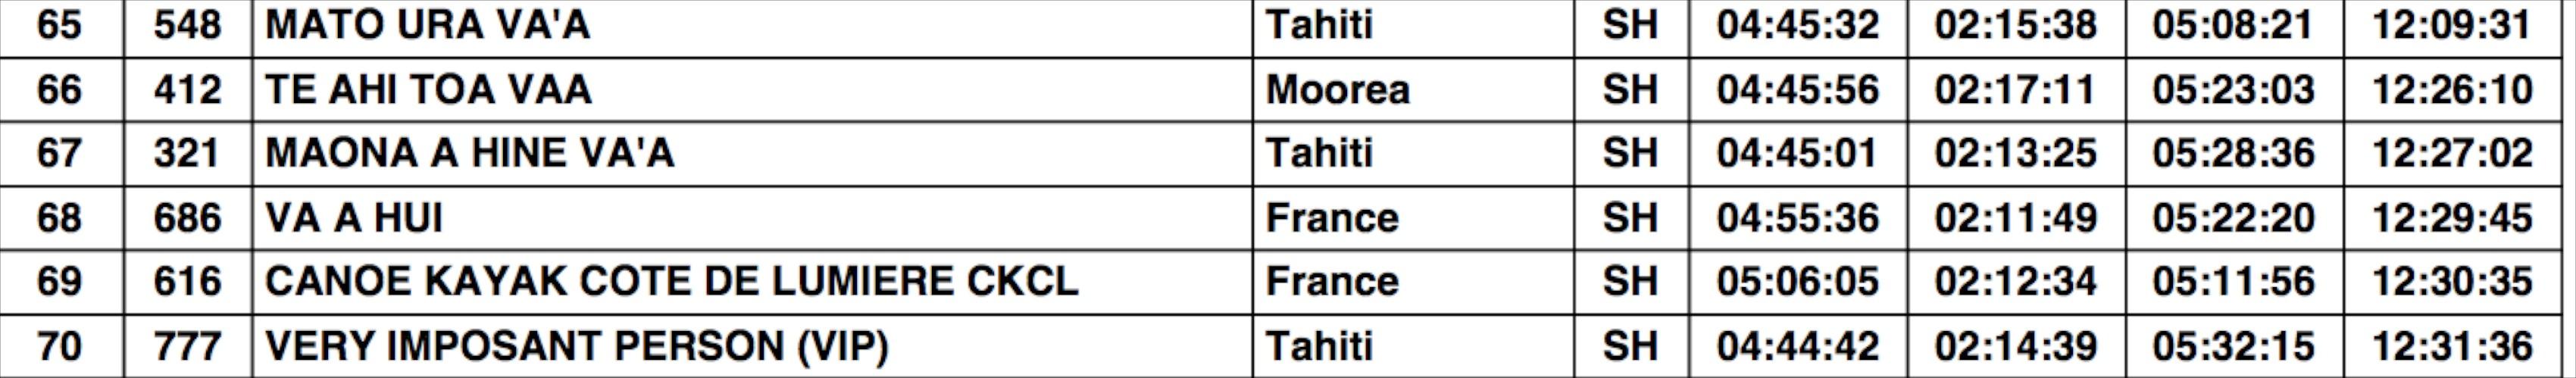 Hawaiki Nui Va'a : le 'duel' franco-français a tourné à l'avantage du club Basque !